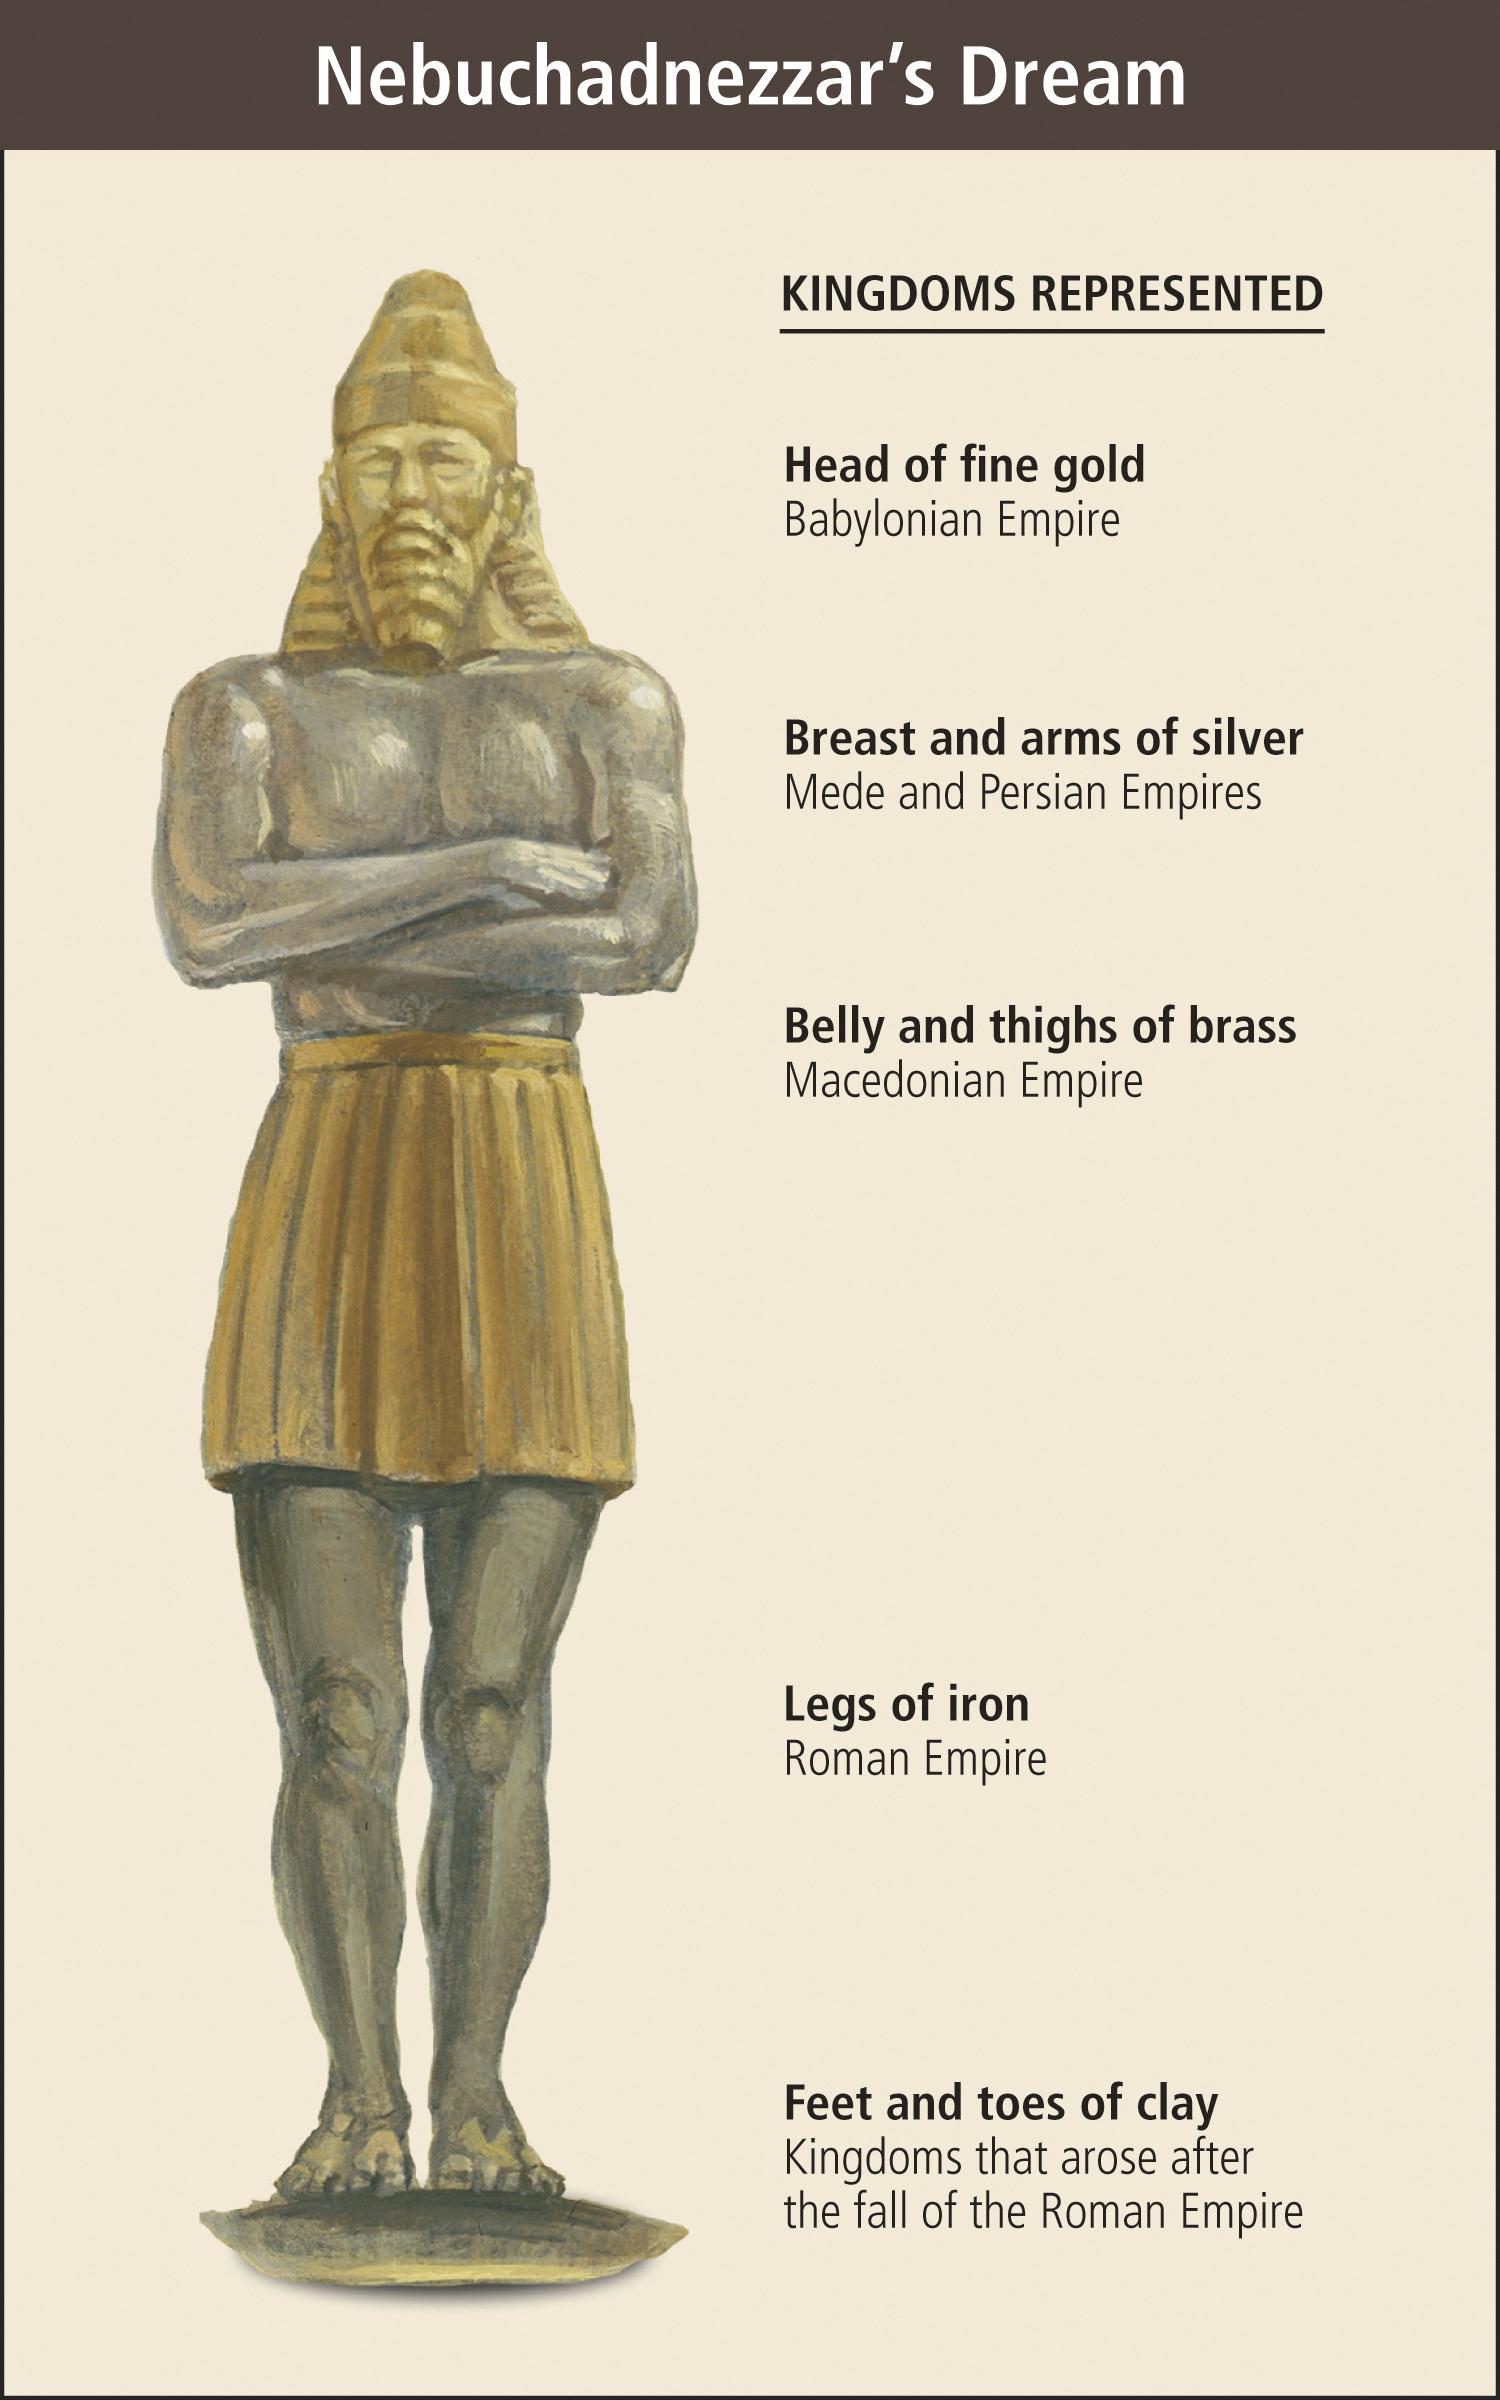 A chart representing the figure in Nebuchadnezzar's dream.